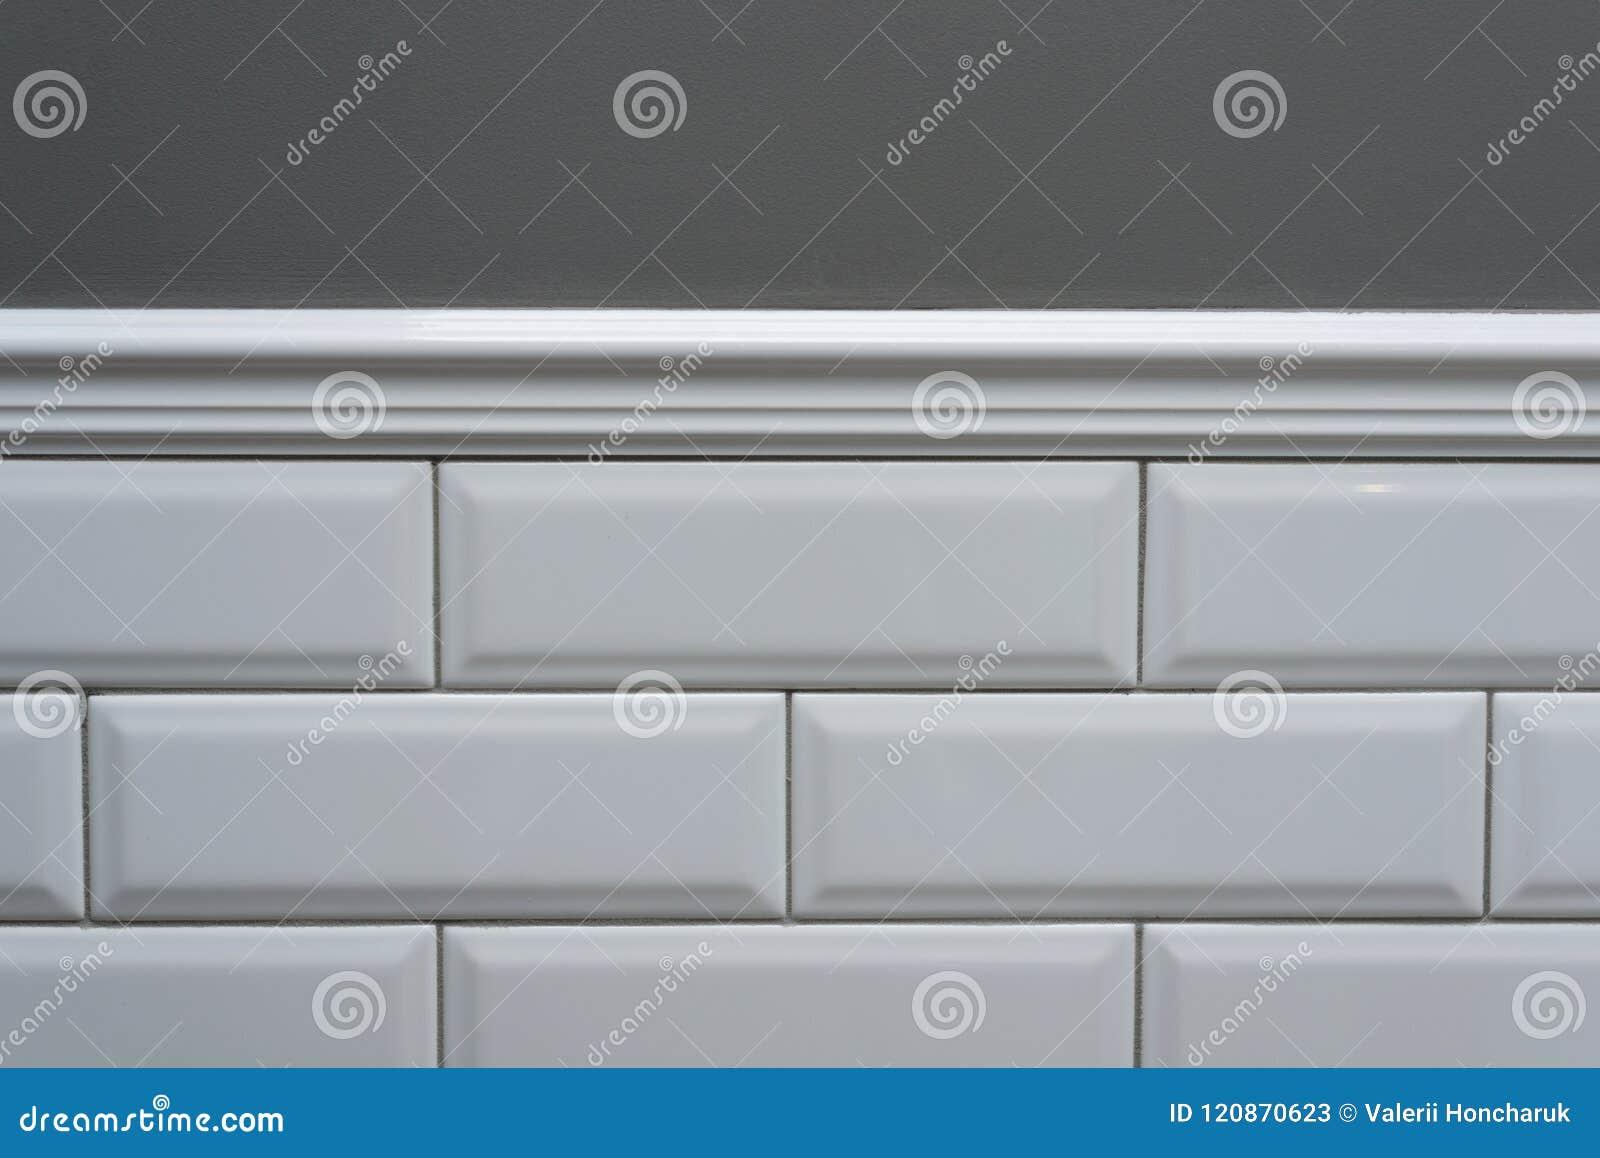 Le Mur Peint Par Gris, Une Partie Du Mur Est Petite Brique Brillante ...